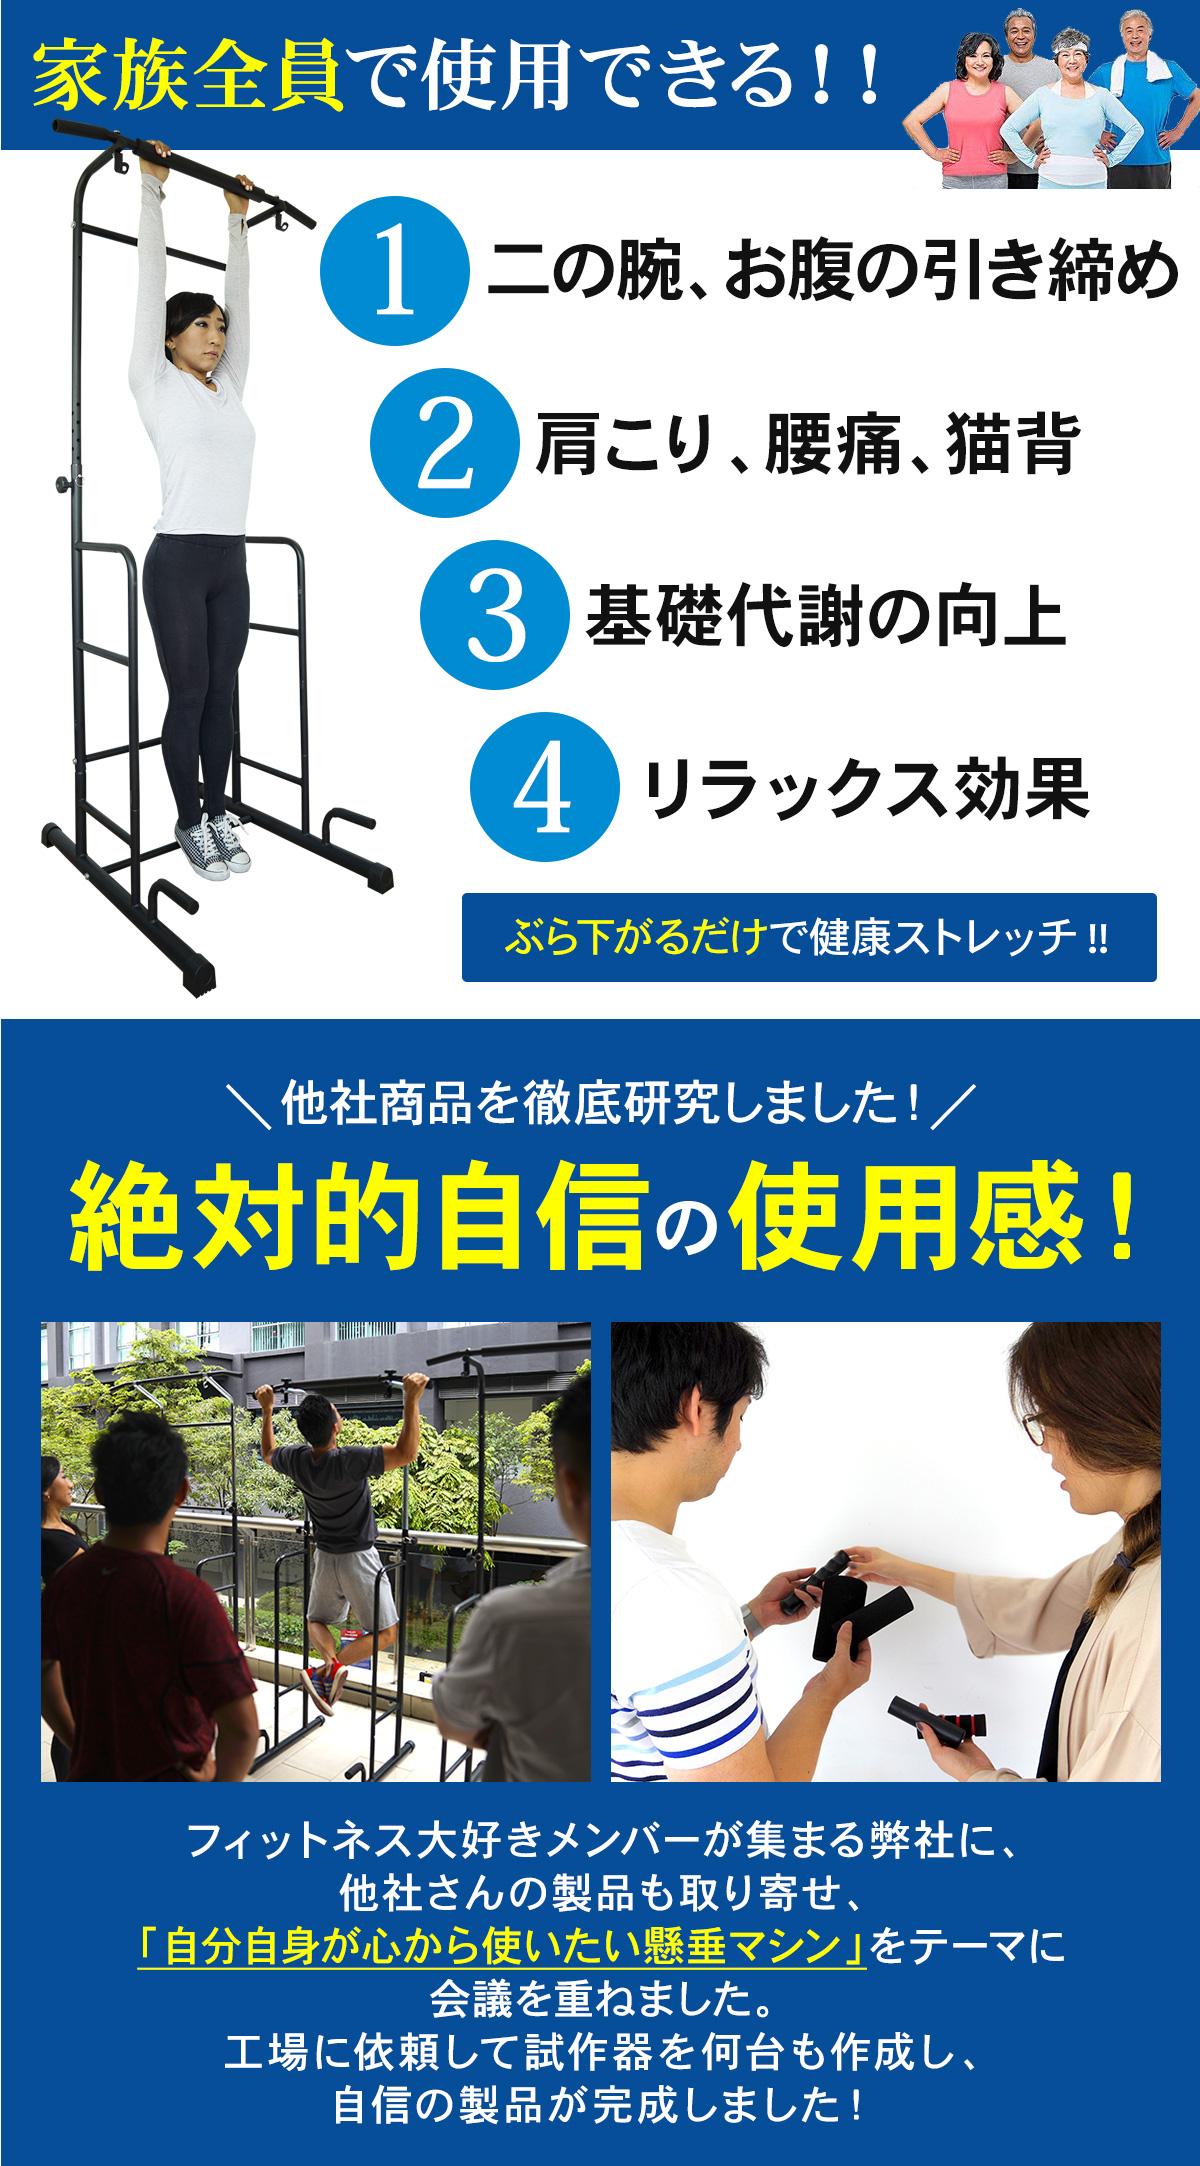 ぶら下がり健康器(懸垂マシン)は家族全員で使用できます。ぶら下がるだけで健康ストレッチ